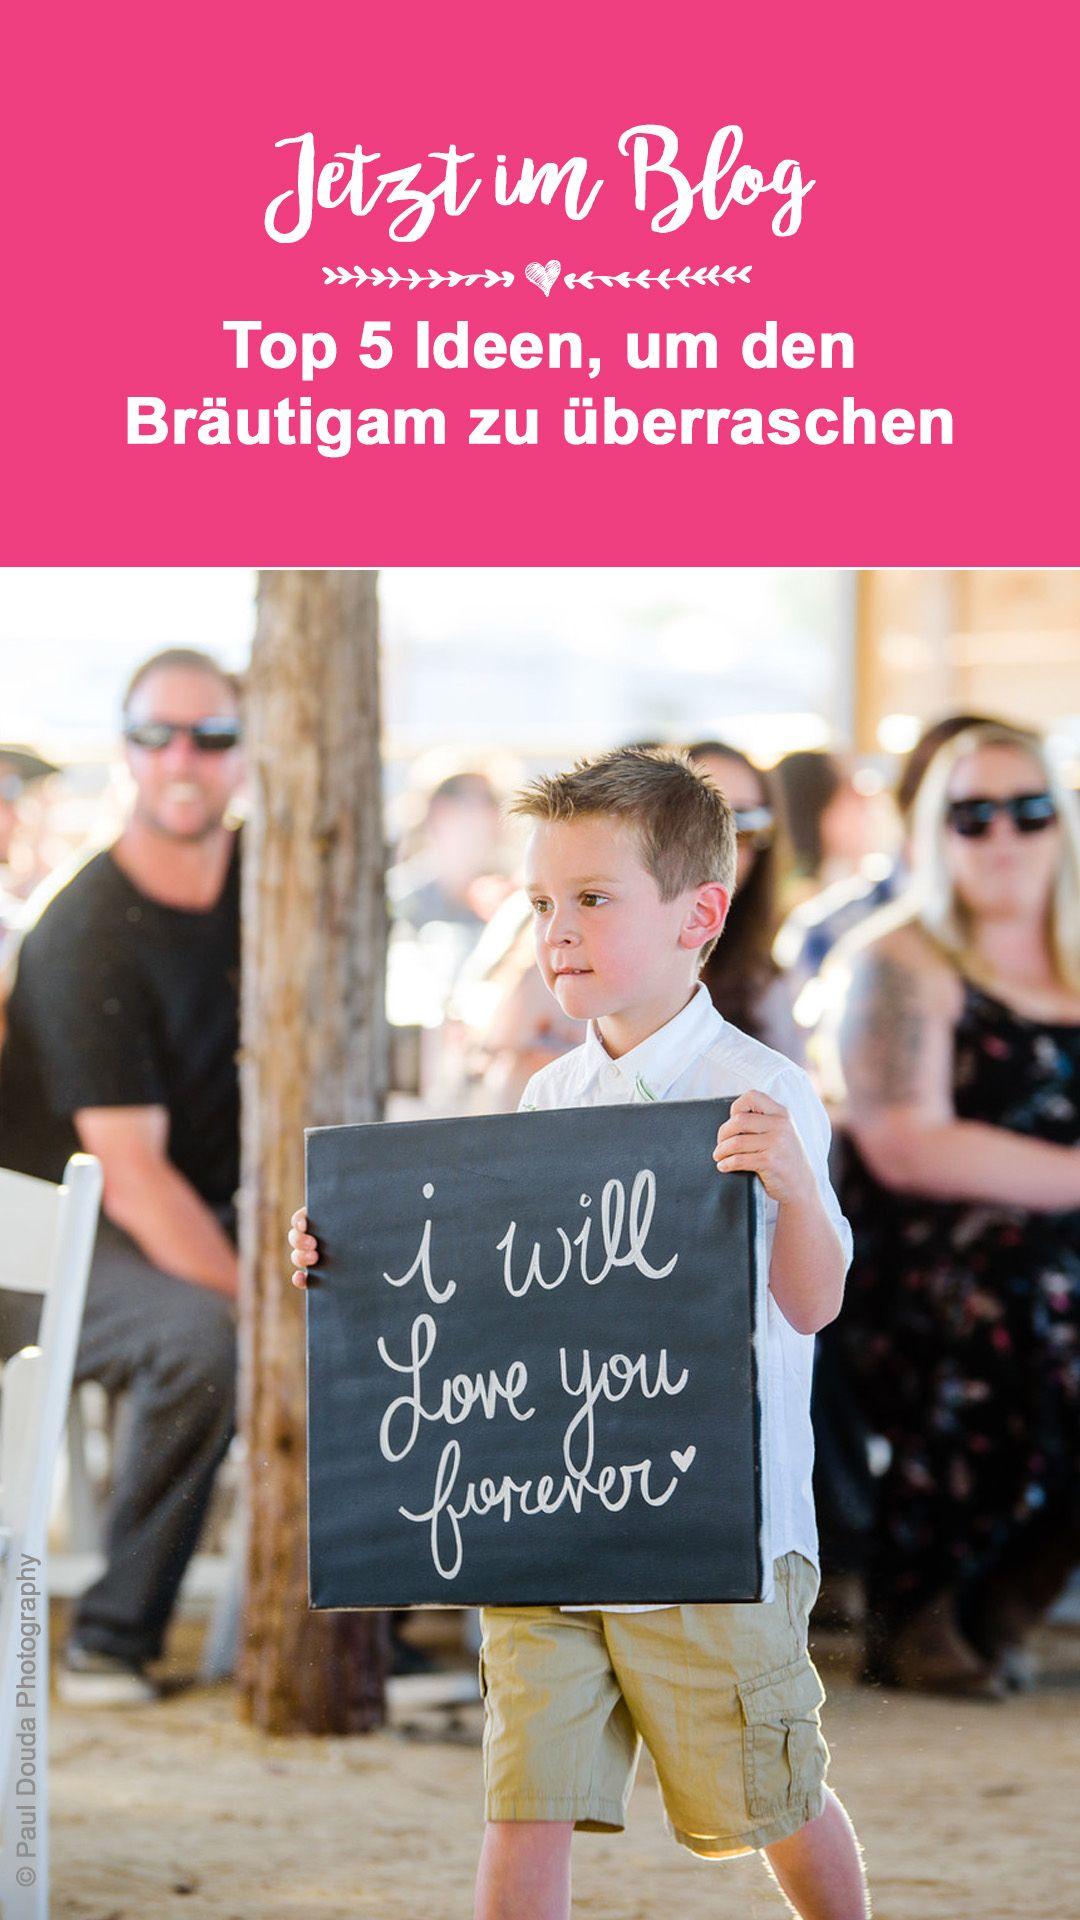 Top 5 Ideen Uberraschung Fur Den Brautigam Von Der Braut Oder Umgekehrt In 2020 Hochzeitsuberraschungen Hochzeit Trauung